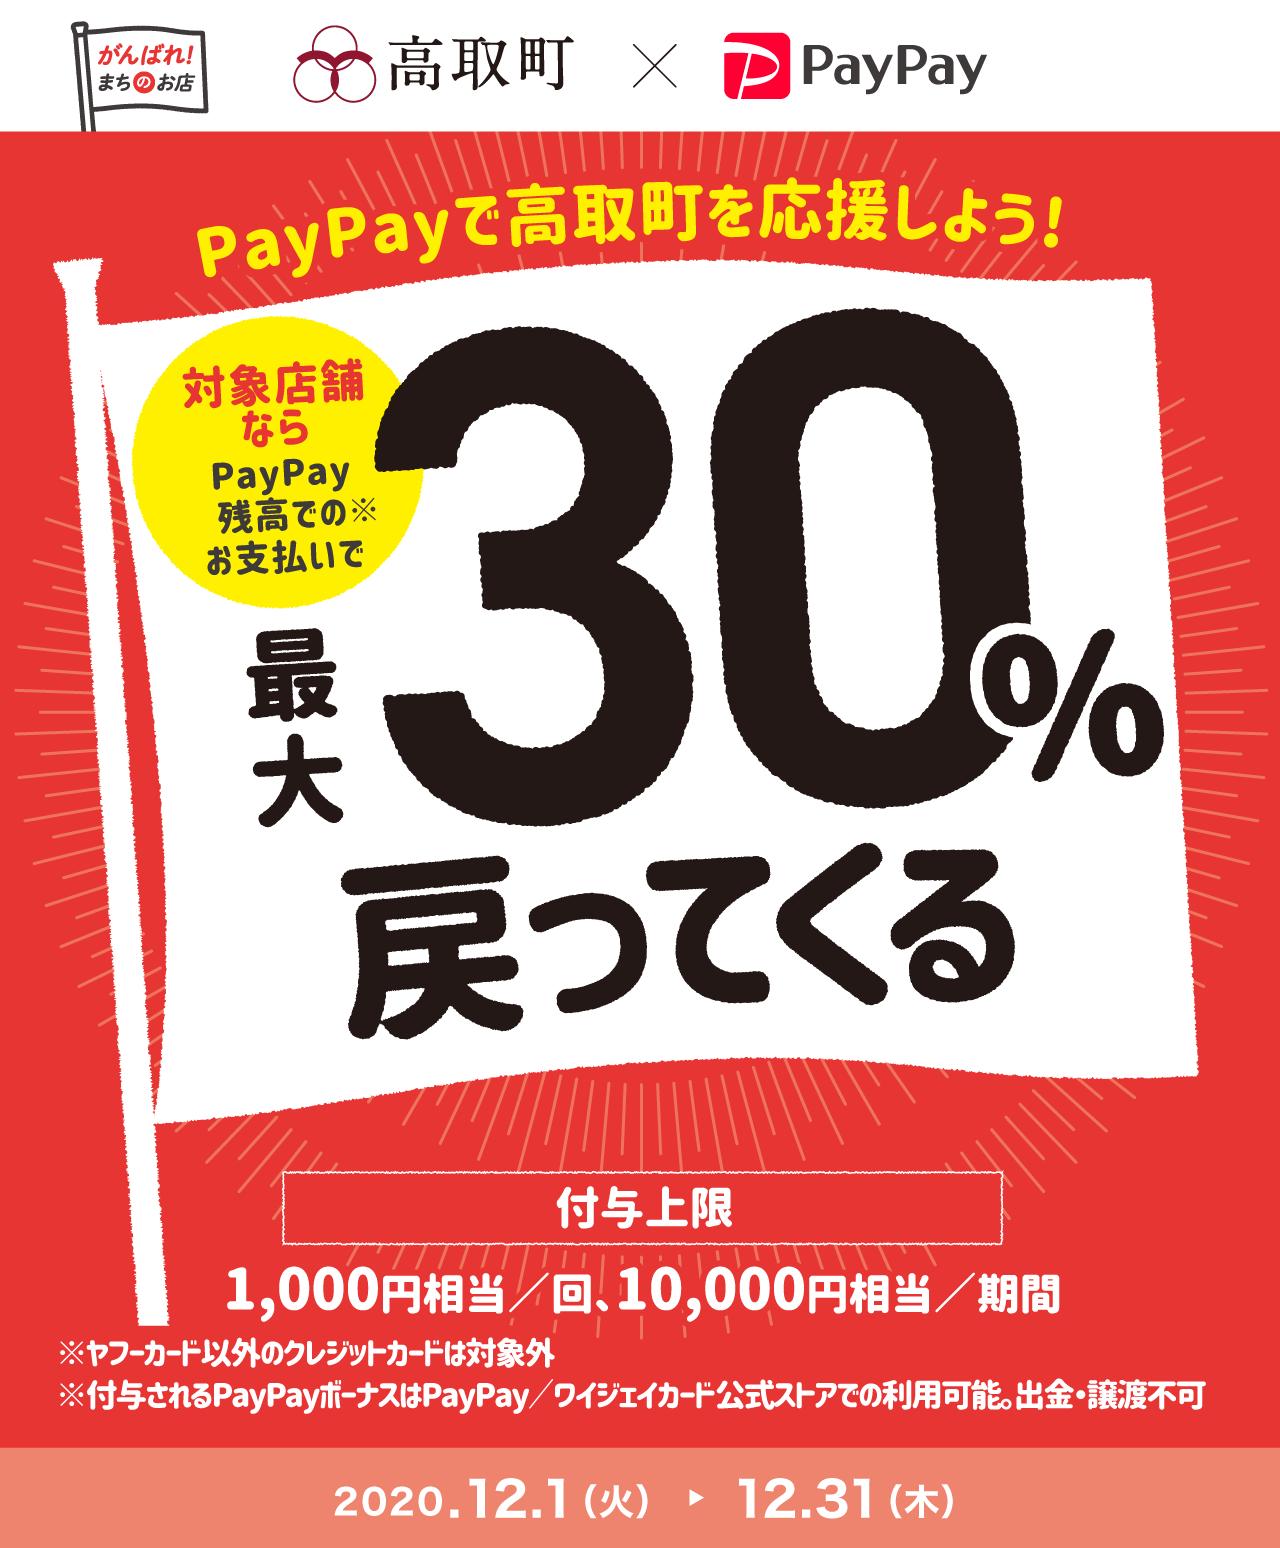 PayPayで高取町を応援しよう! 対象店舗ならPayPay残高でのお支払いで 最大30%戻ってくる